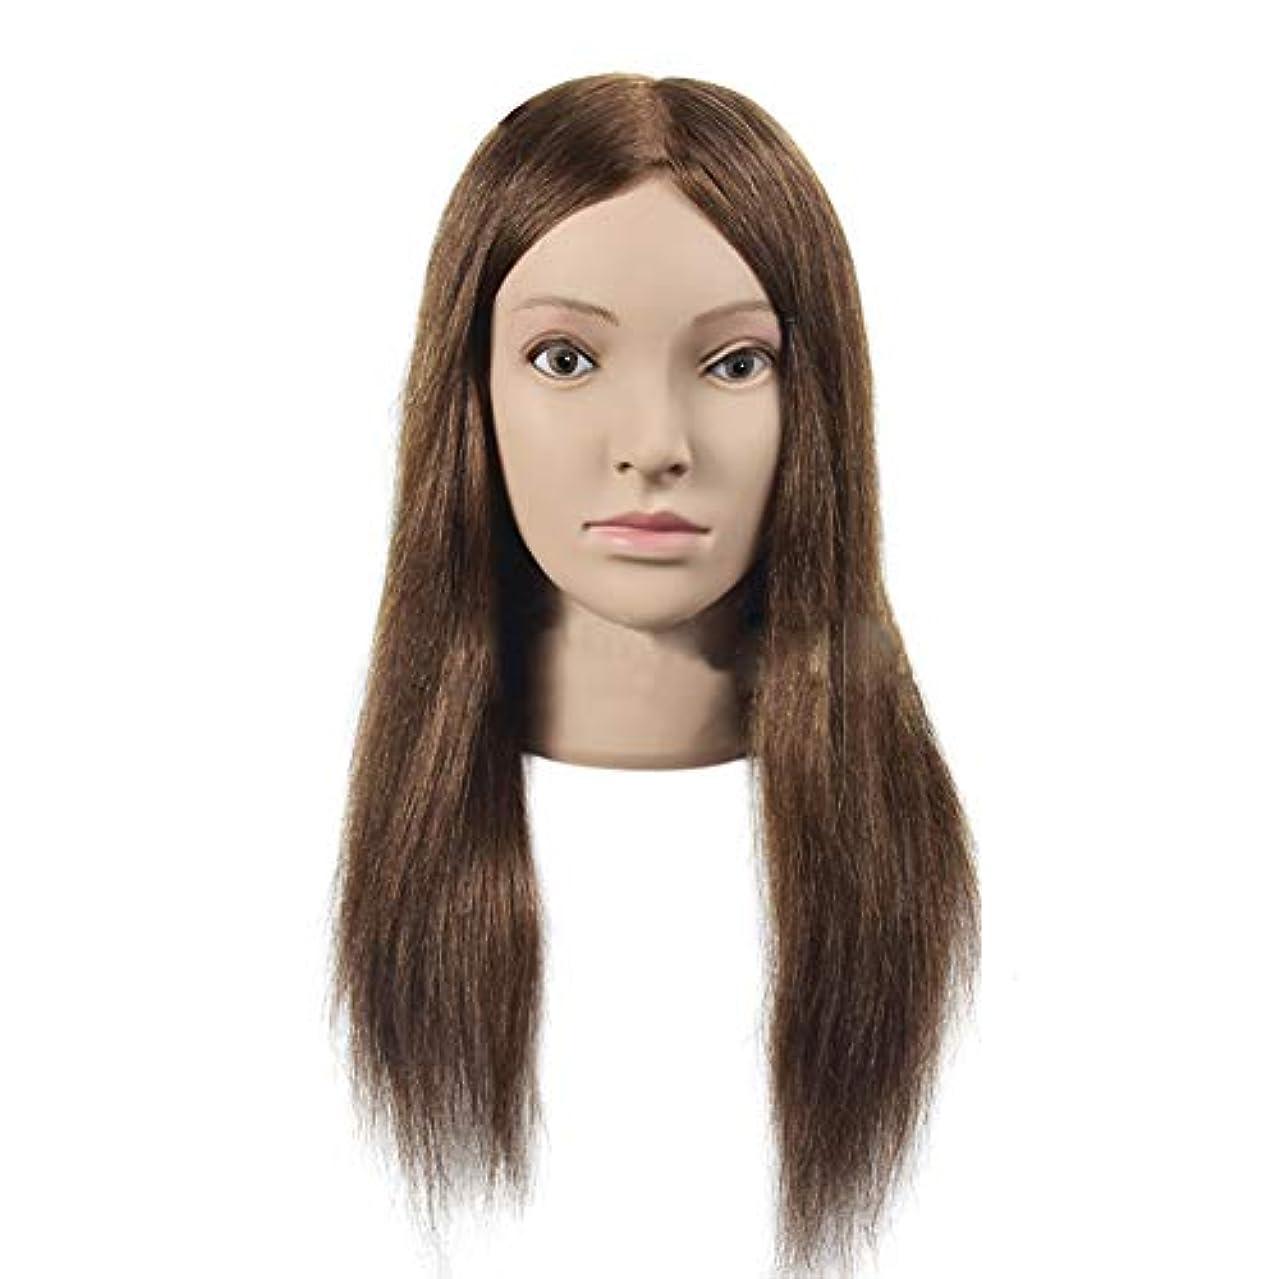 うつ密接にパンツ専門の練習ホット染色漂白はさみモデリングマネキン髪編組髪かつら女性モデルティーチングヘッド